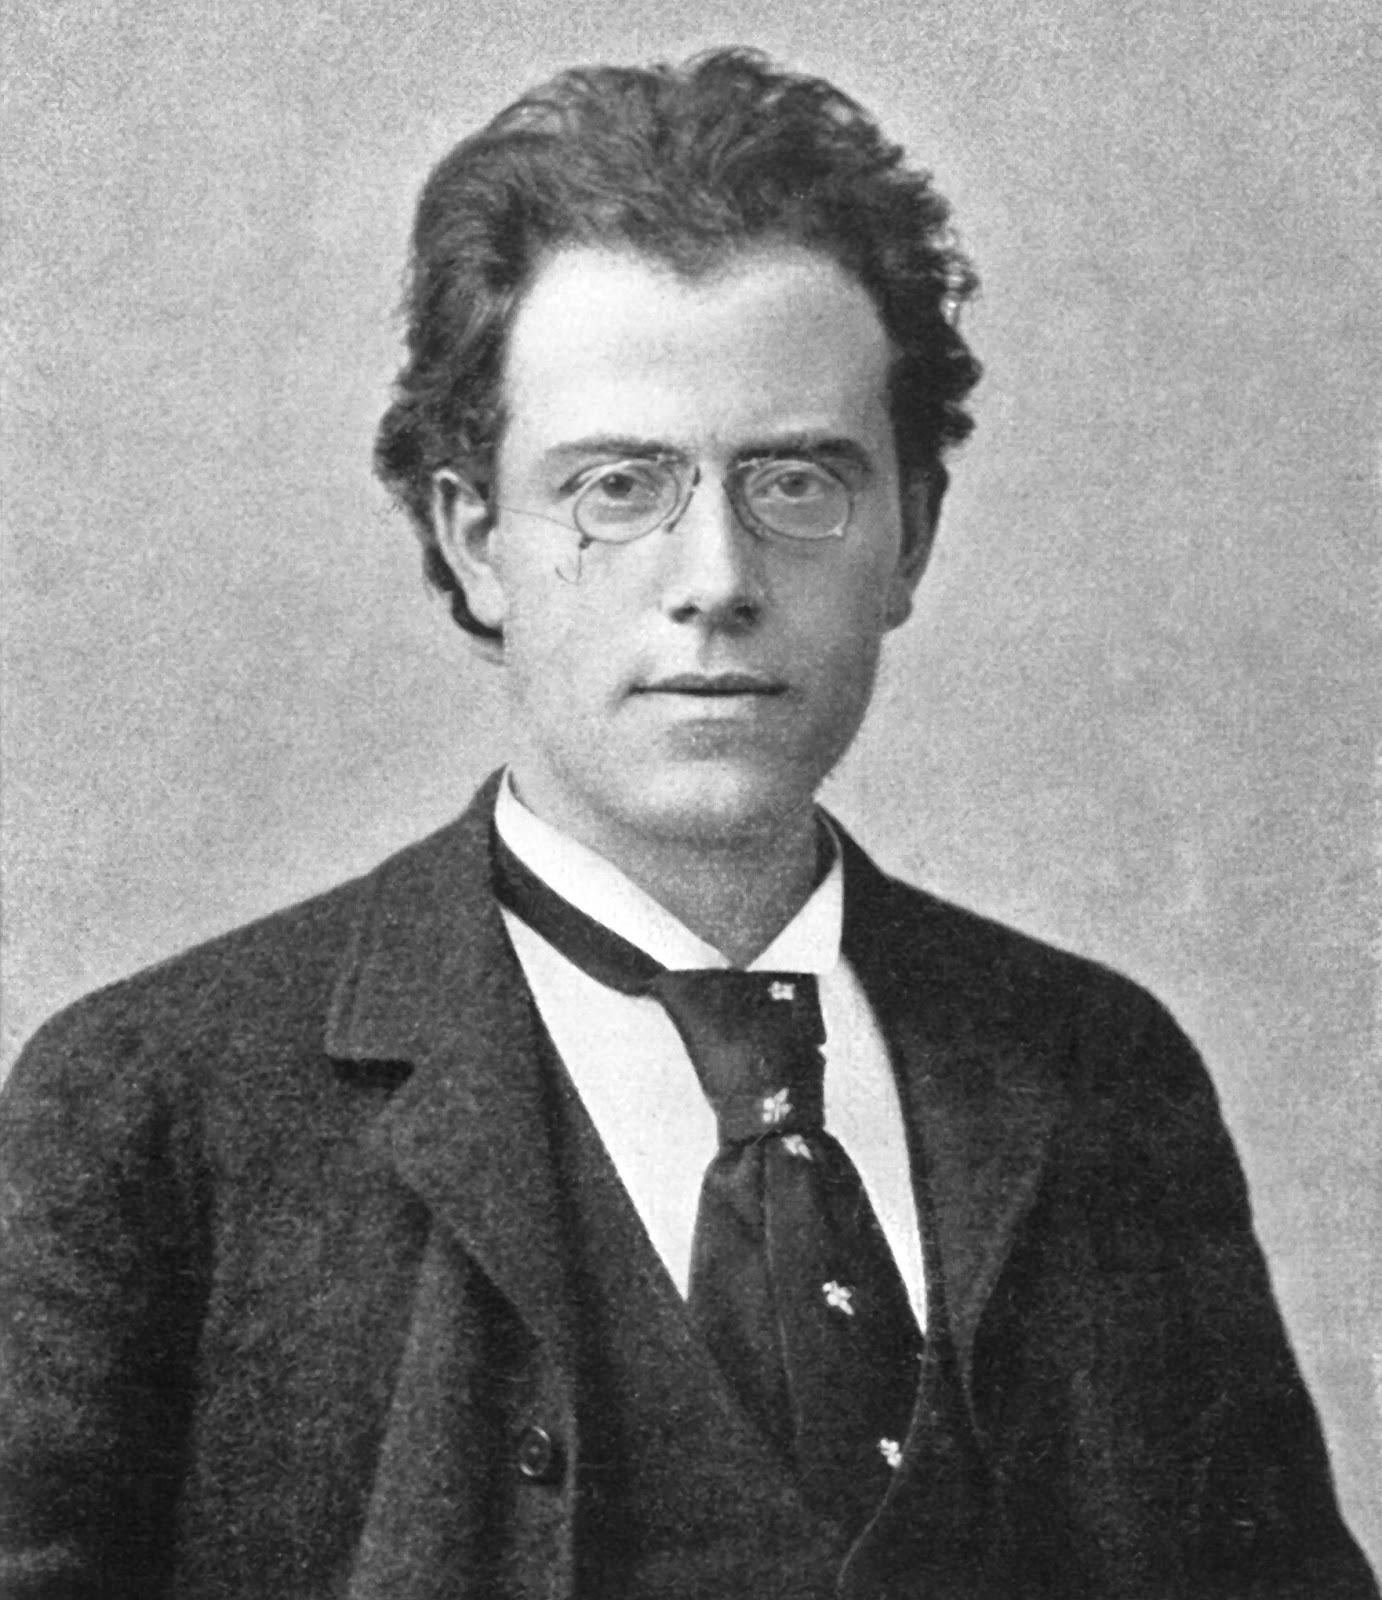 Gustav Mahler - Wilhelm Furtwängler Lieder Eines Fahrenden Gesellen